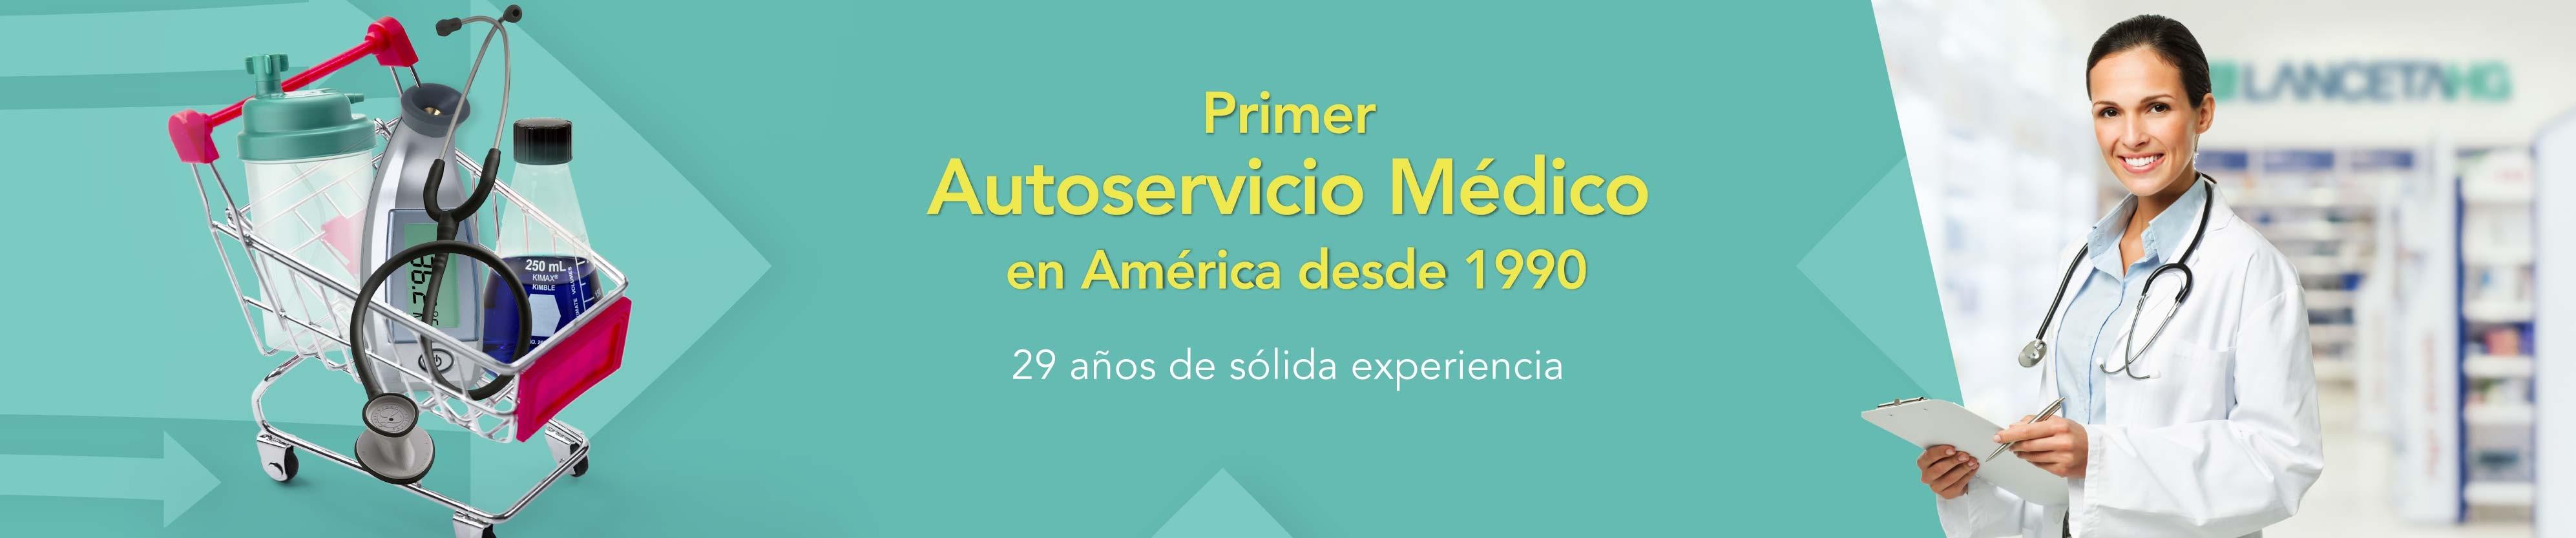 Primer Autoservicio Médico en América